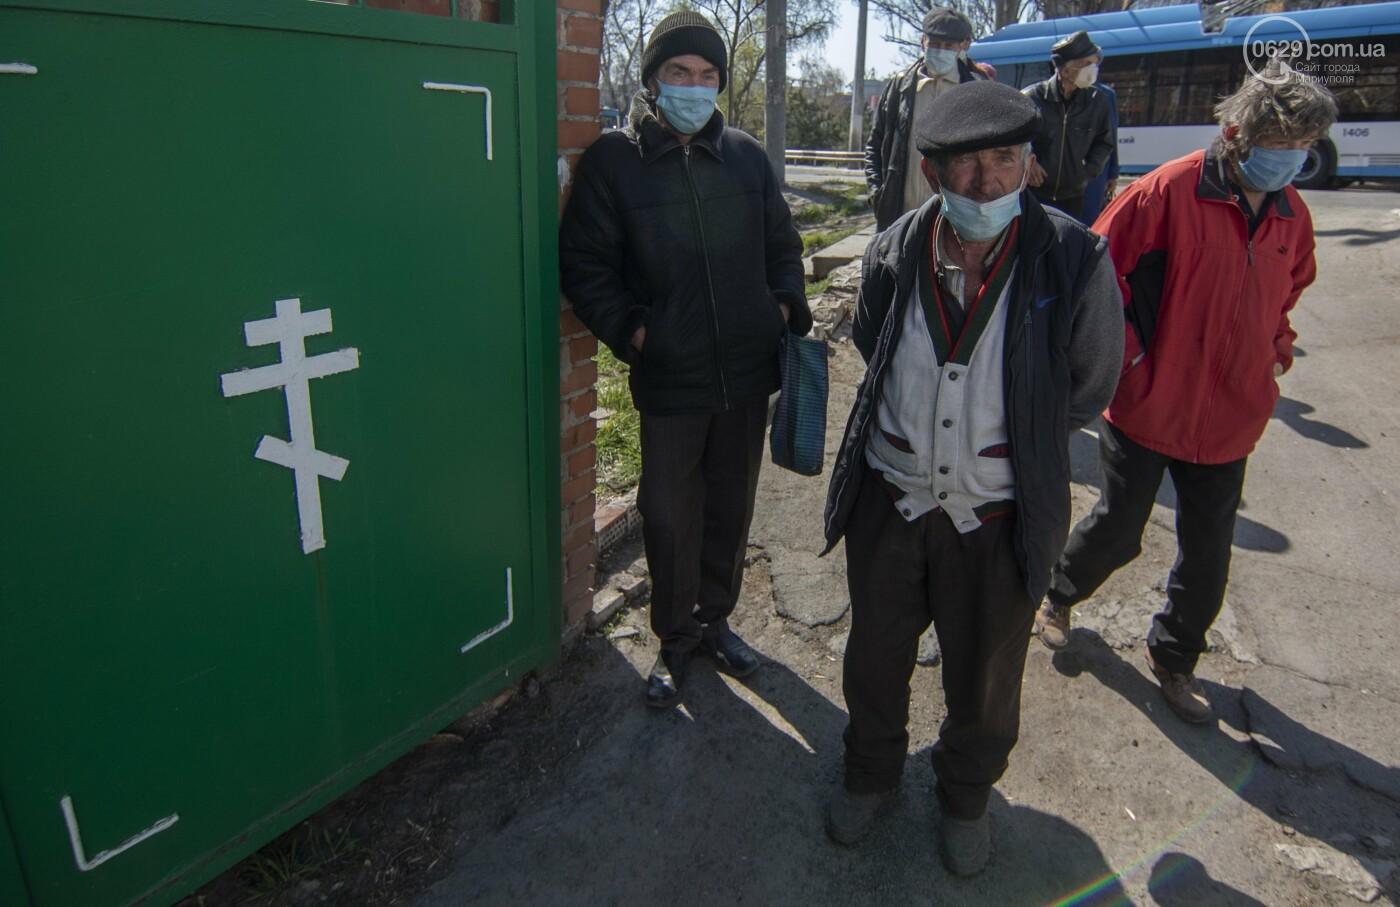 О правилах общежития. Как в Мариуполе кормят голодных и нищих, - ФОТОРЕПОРТАЖ, фото-8